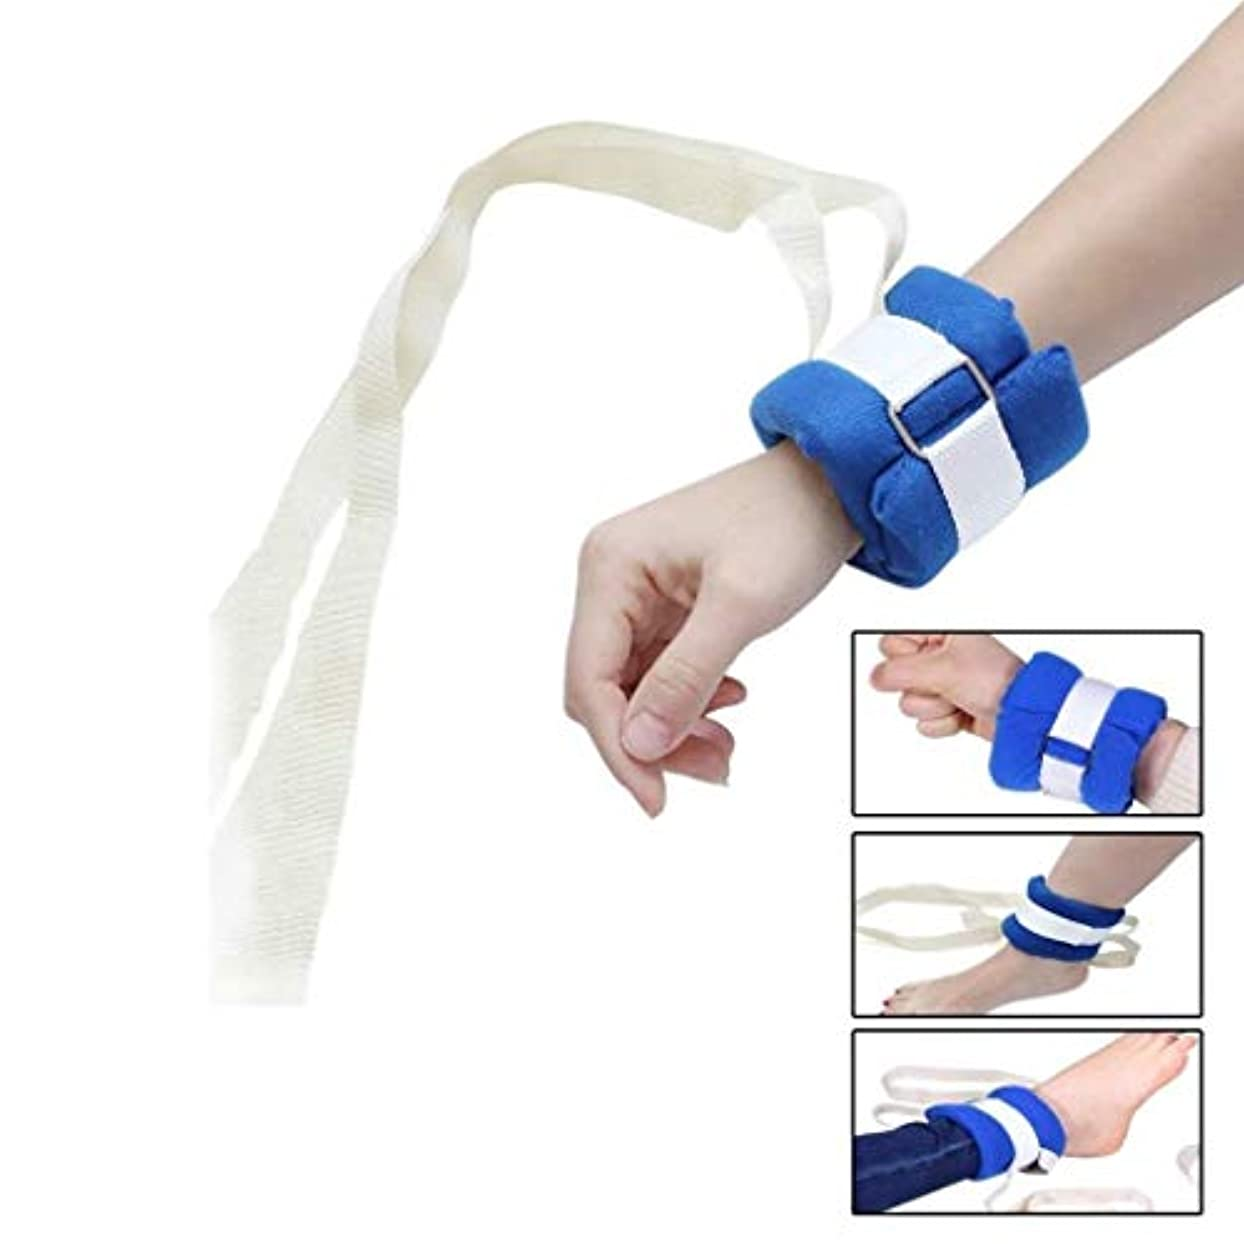 どきどきトーク軽量手や足のための調節可能な肢ホルダー - 高齢者痴呆ユニバーサル制約制御 - クイックリリース肢ホルダー